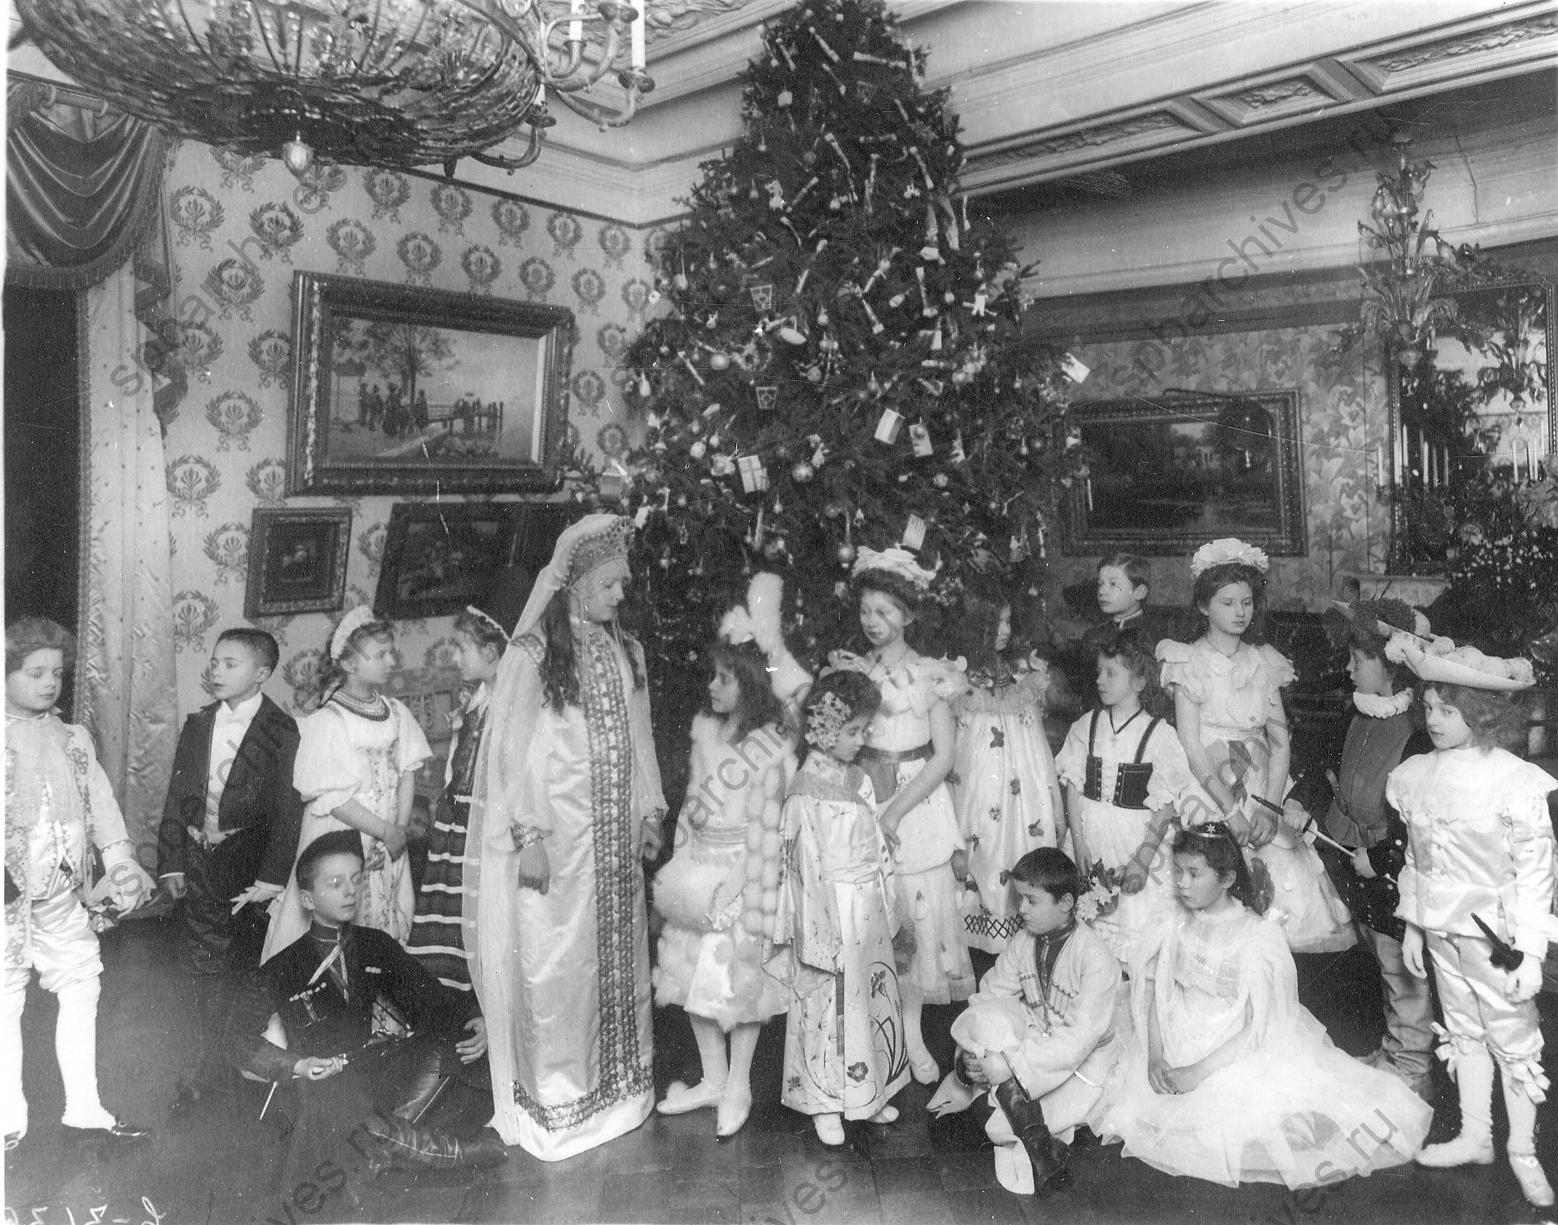 1906. Группа учащихся Императорского училища глухонемых в карнавальных костюмах возле ёлки